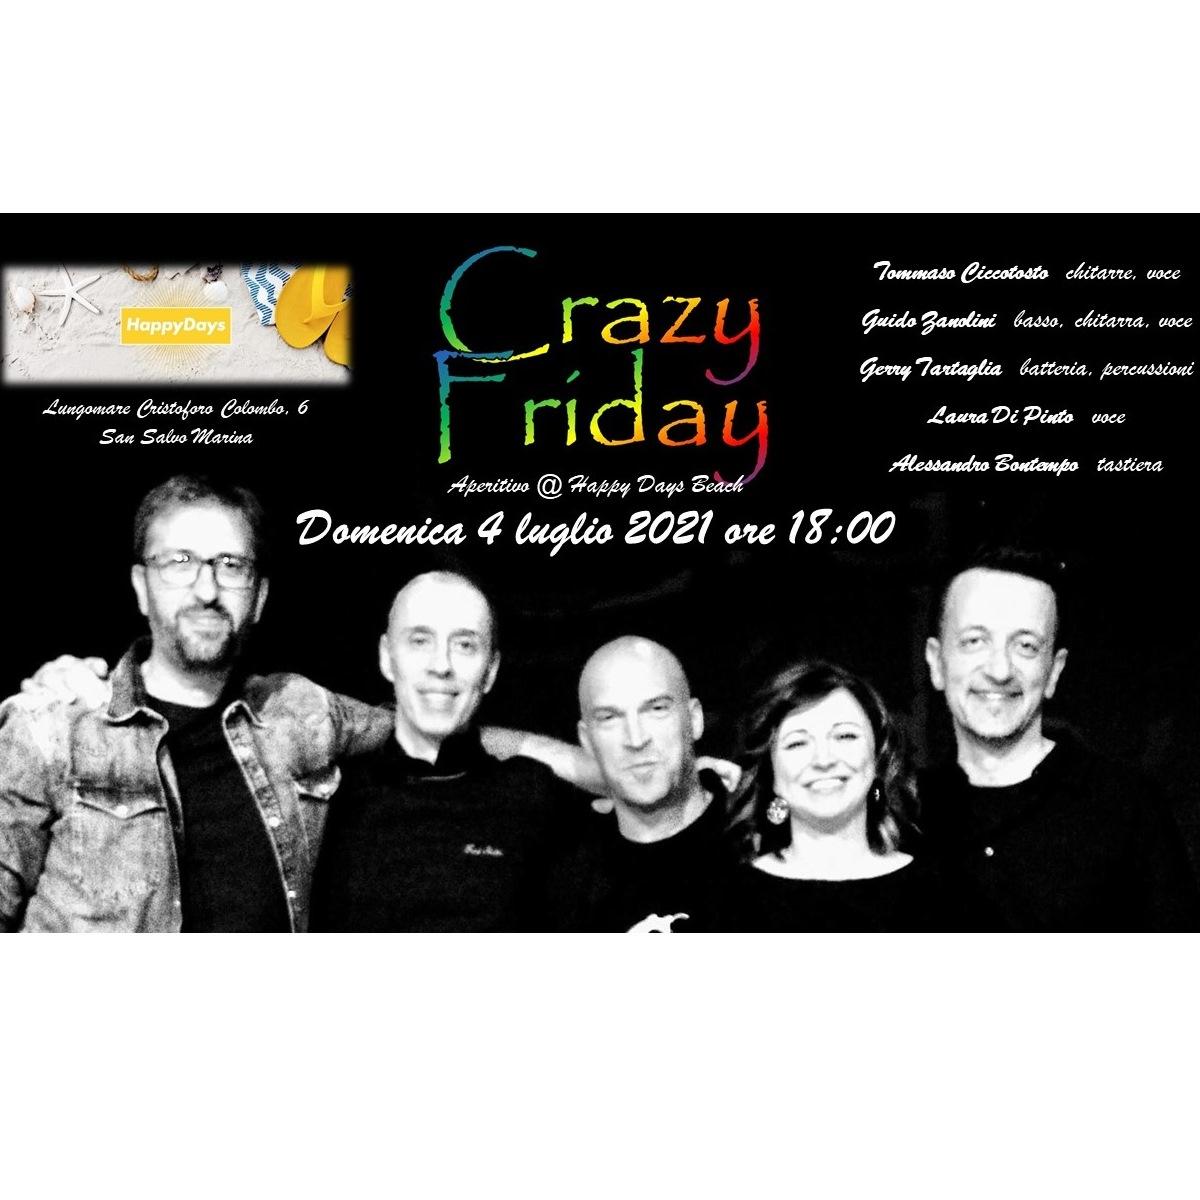 Crazy Friday live presso Happy Days Beach 4 luglio 2021 foto